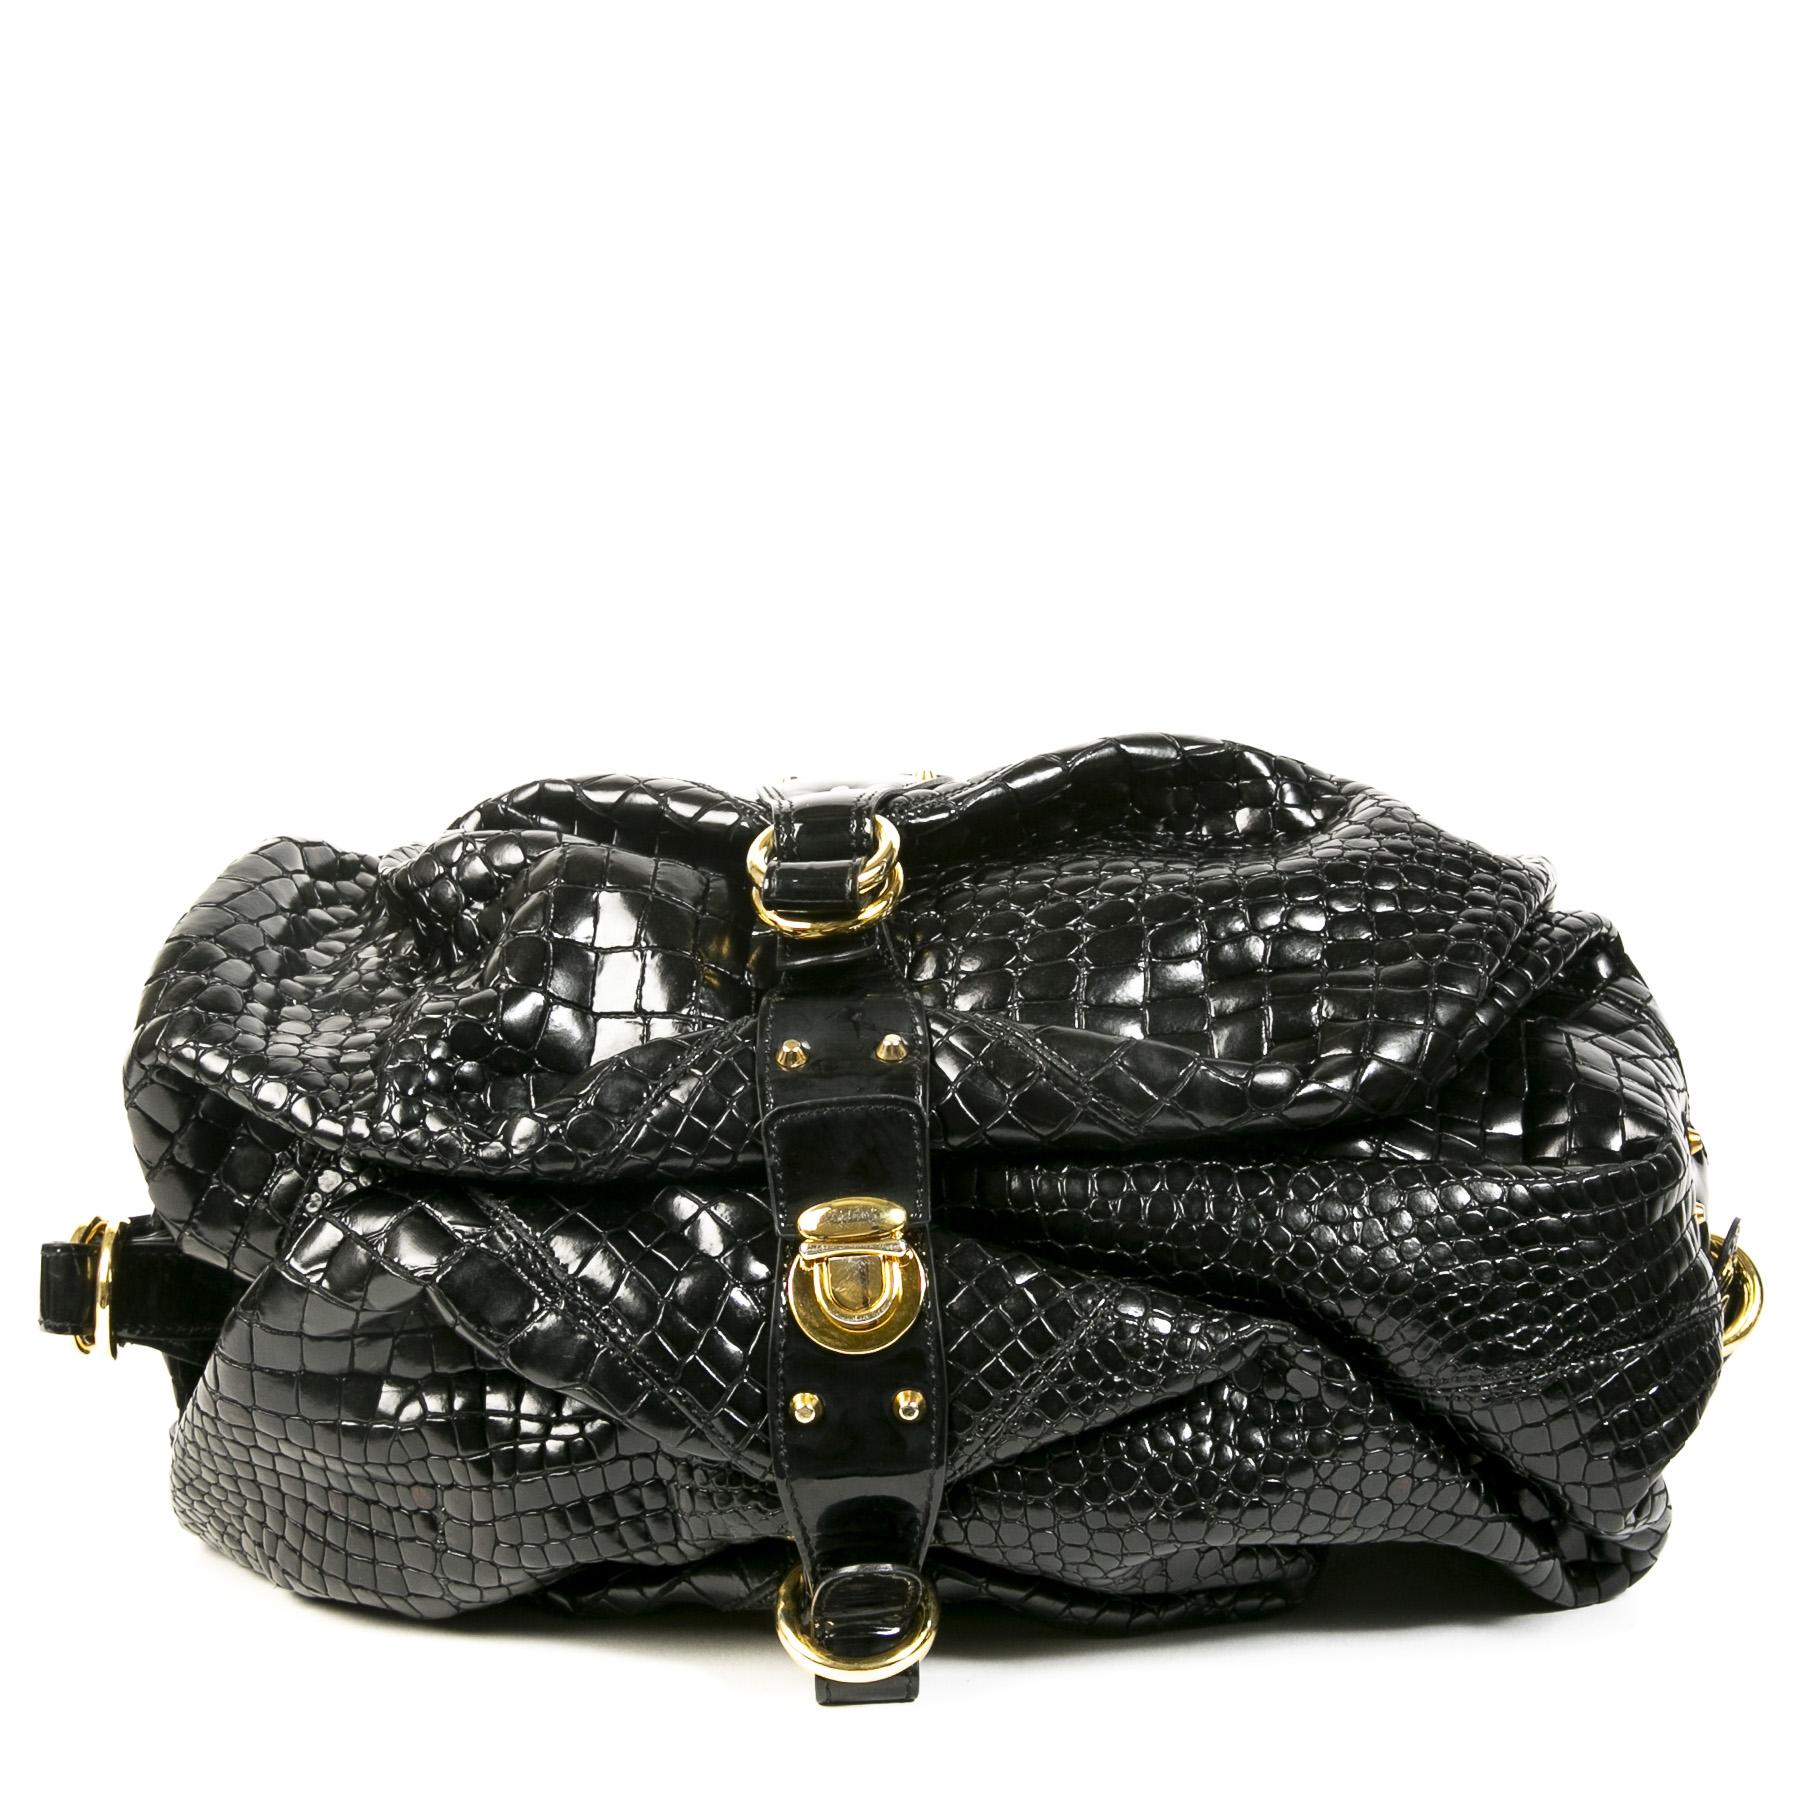 Authentieke Tweedehands Roberto Cavalli Black Crocodile Shoulder Bag juiste prijs veilig online shoppen luxe merken webshop winkelen Antwerpen België mode fashion